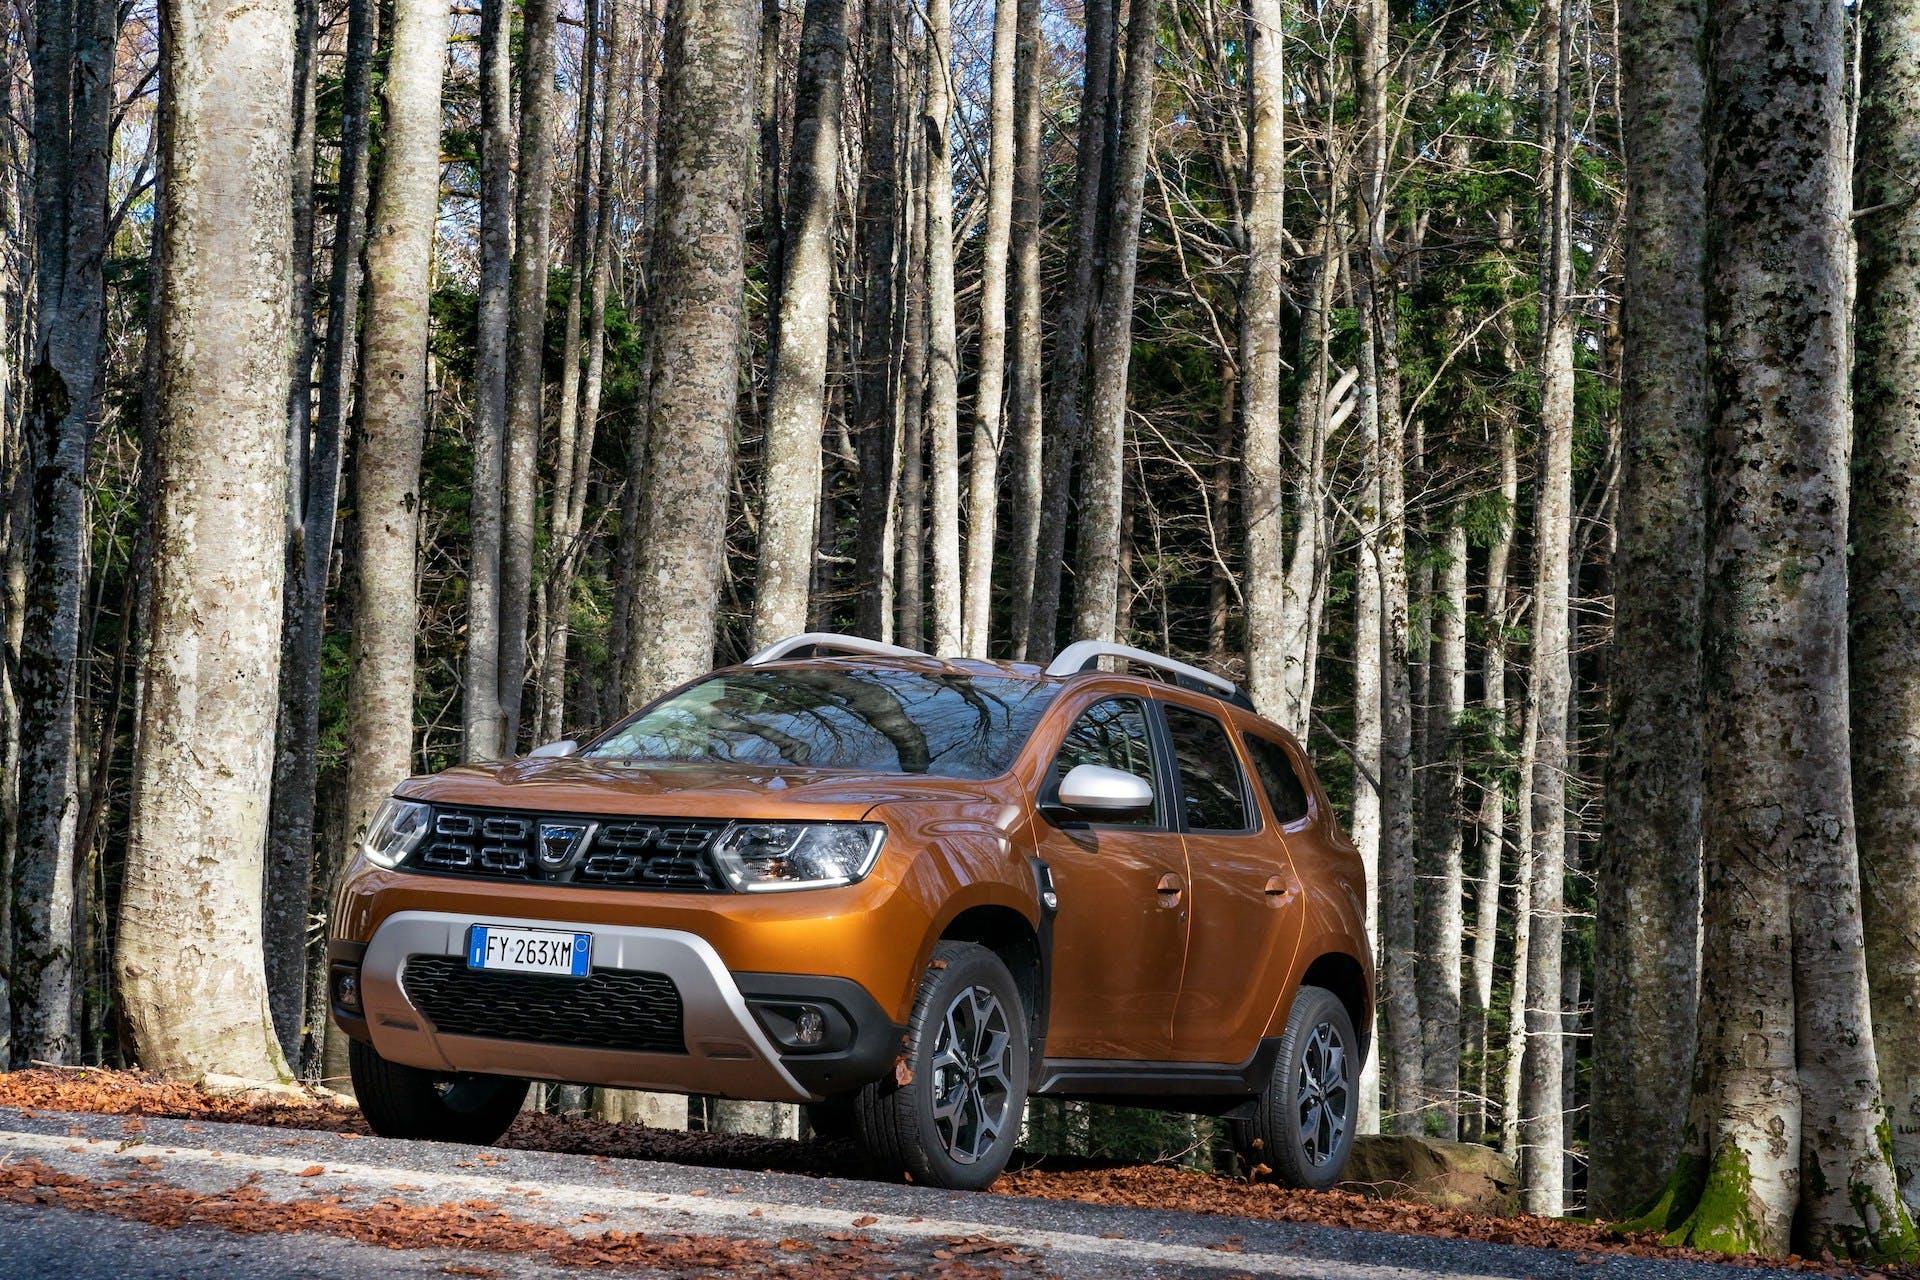 SUV migliori auto per neopatentati, Dacia Duster